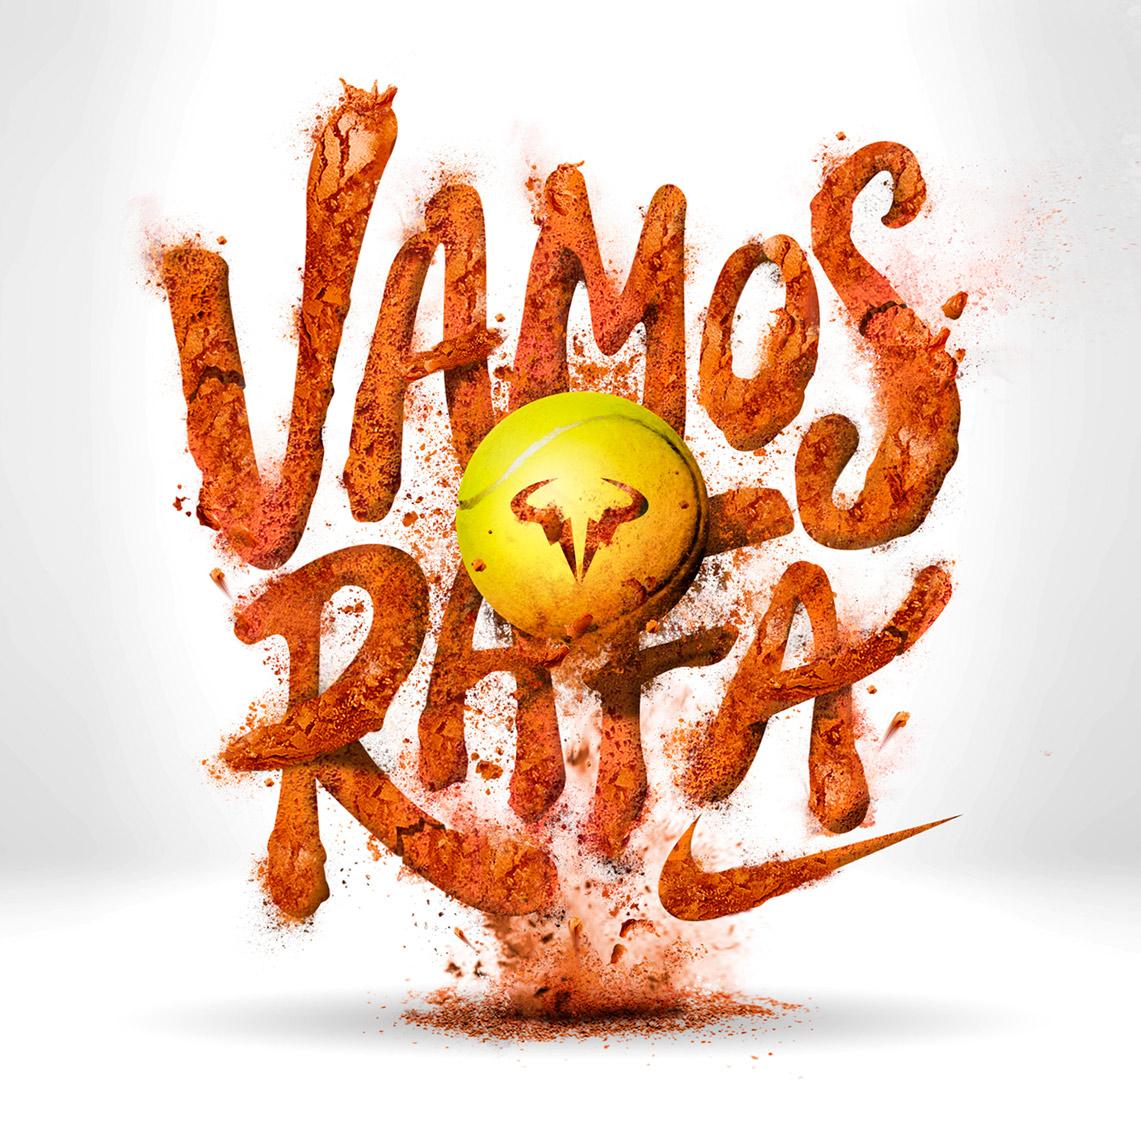 vamos-rafa-sirokostudio-lettering-02